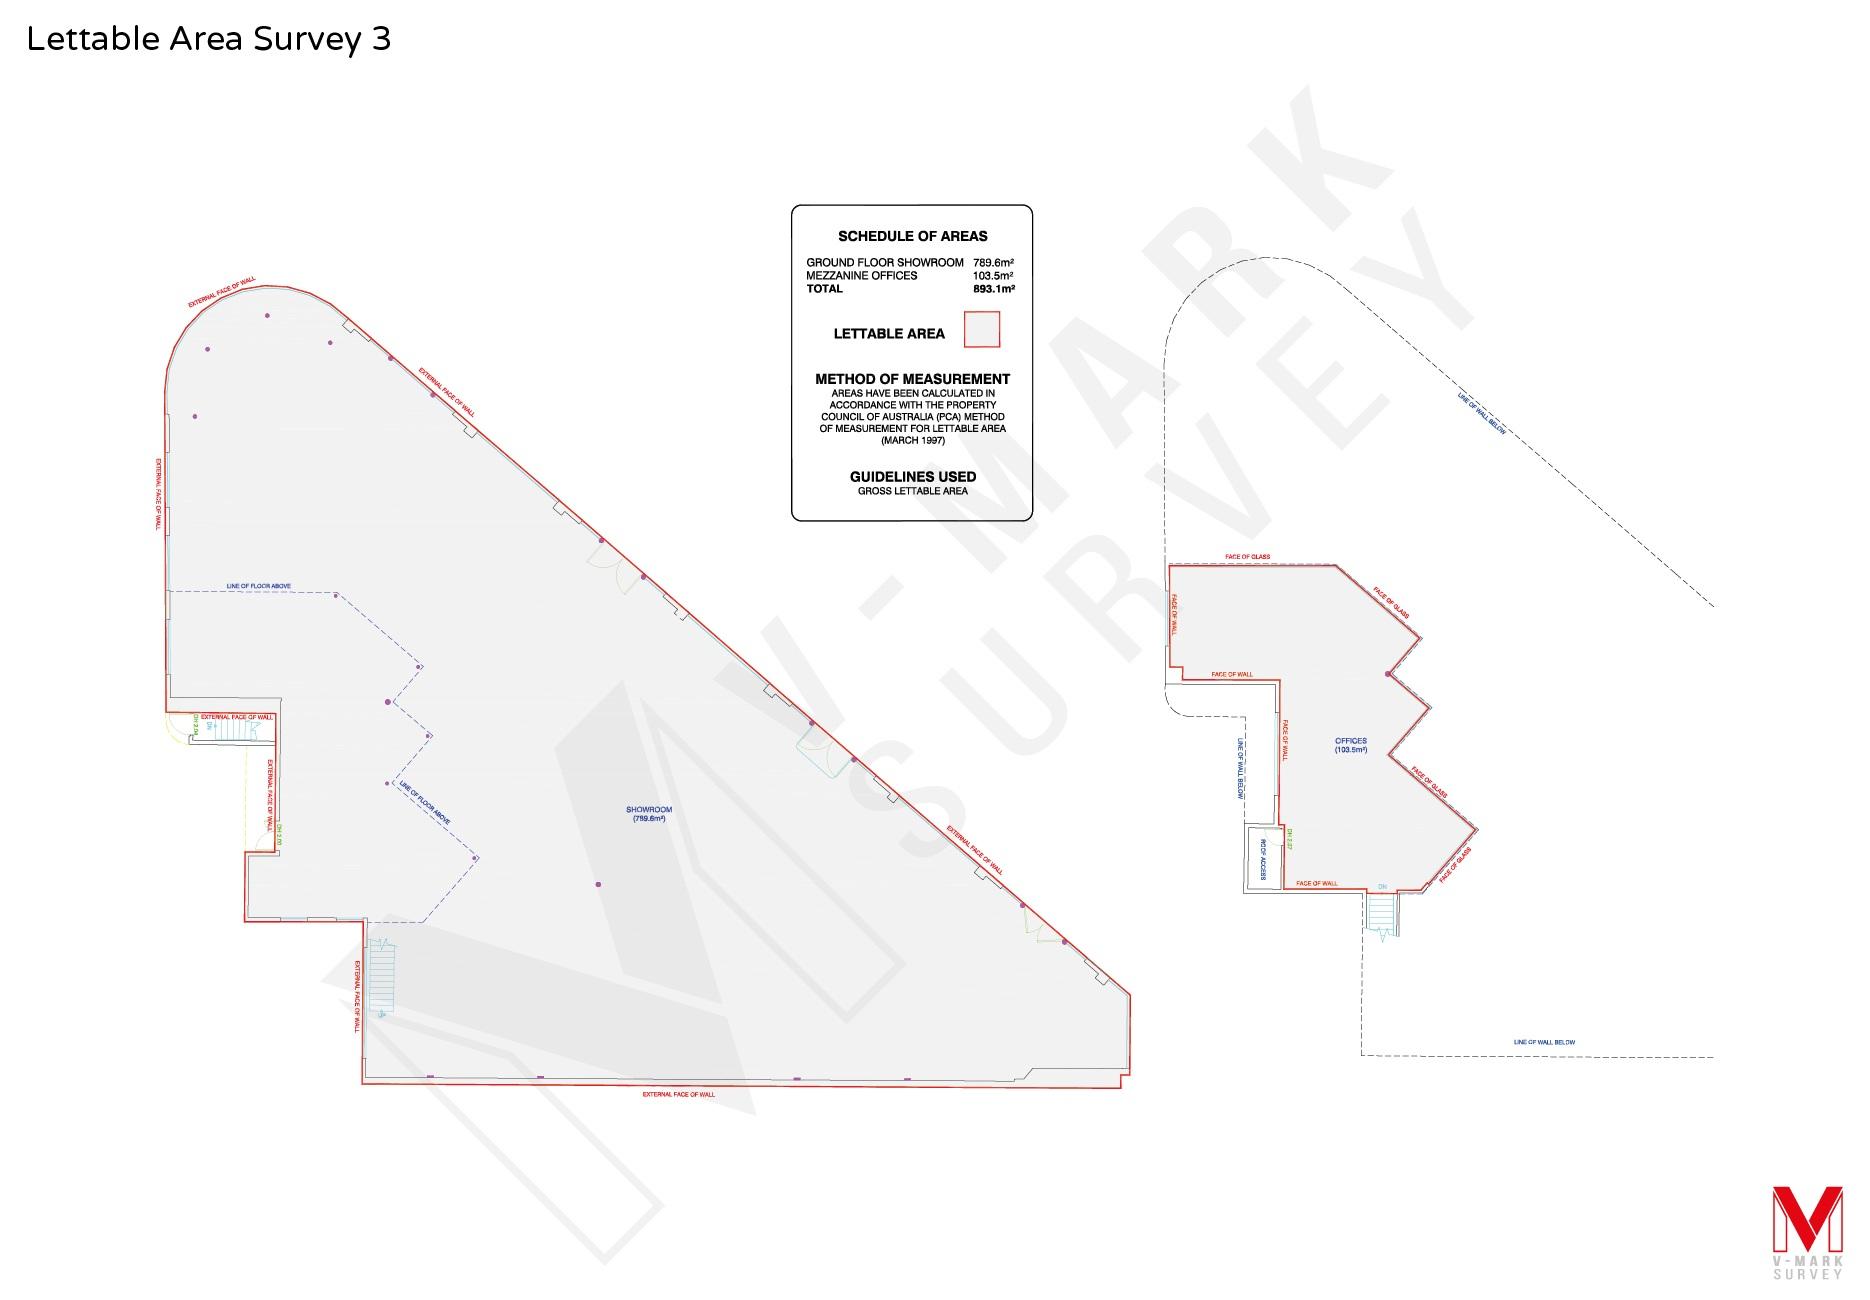 Lettable Area Survey